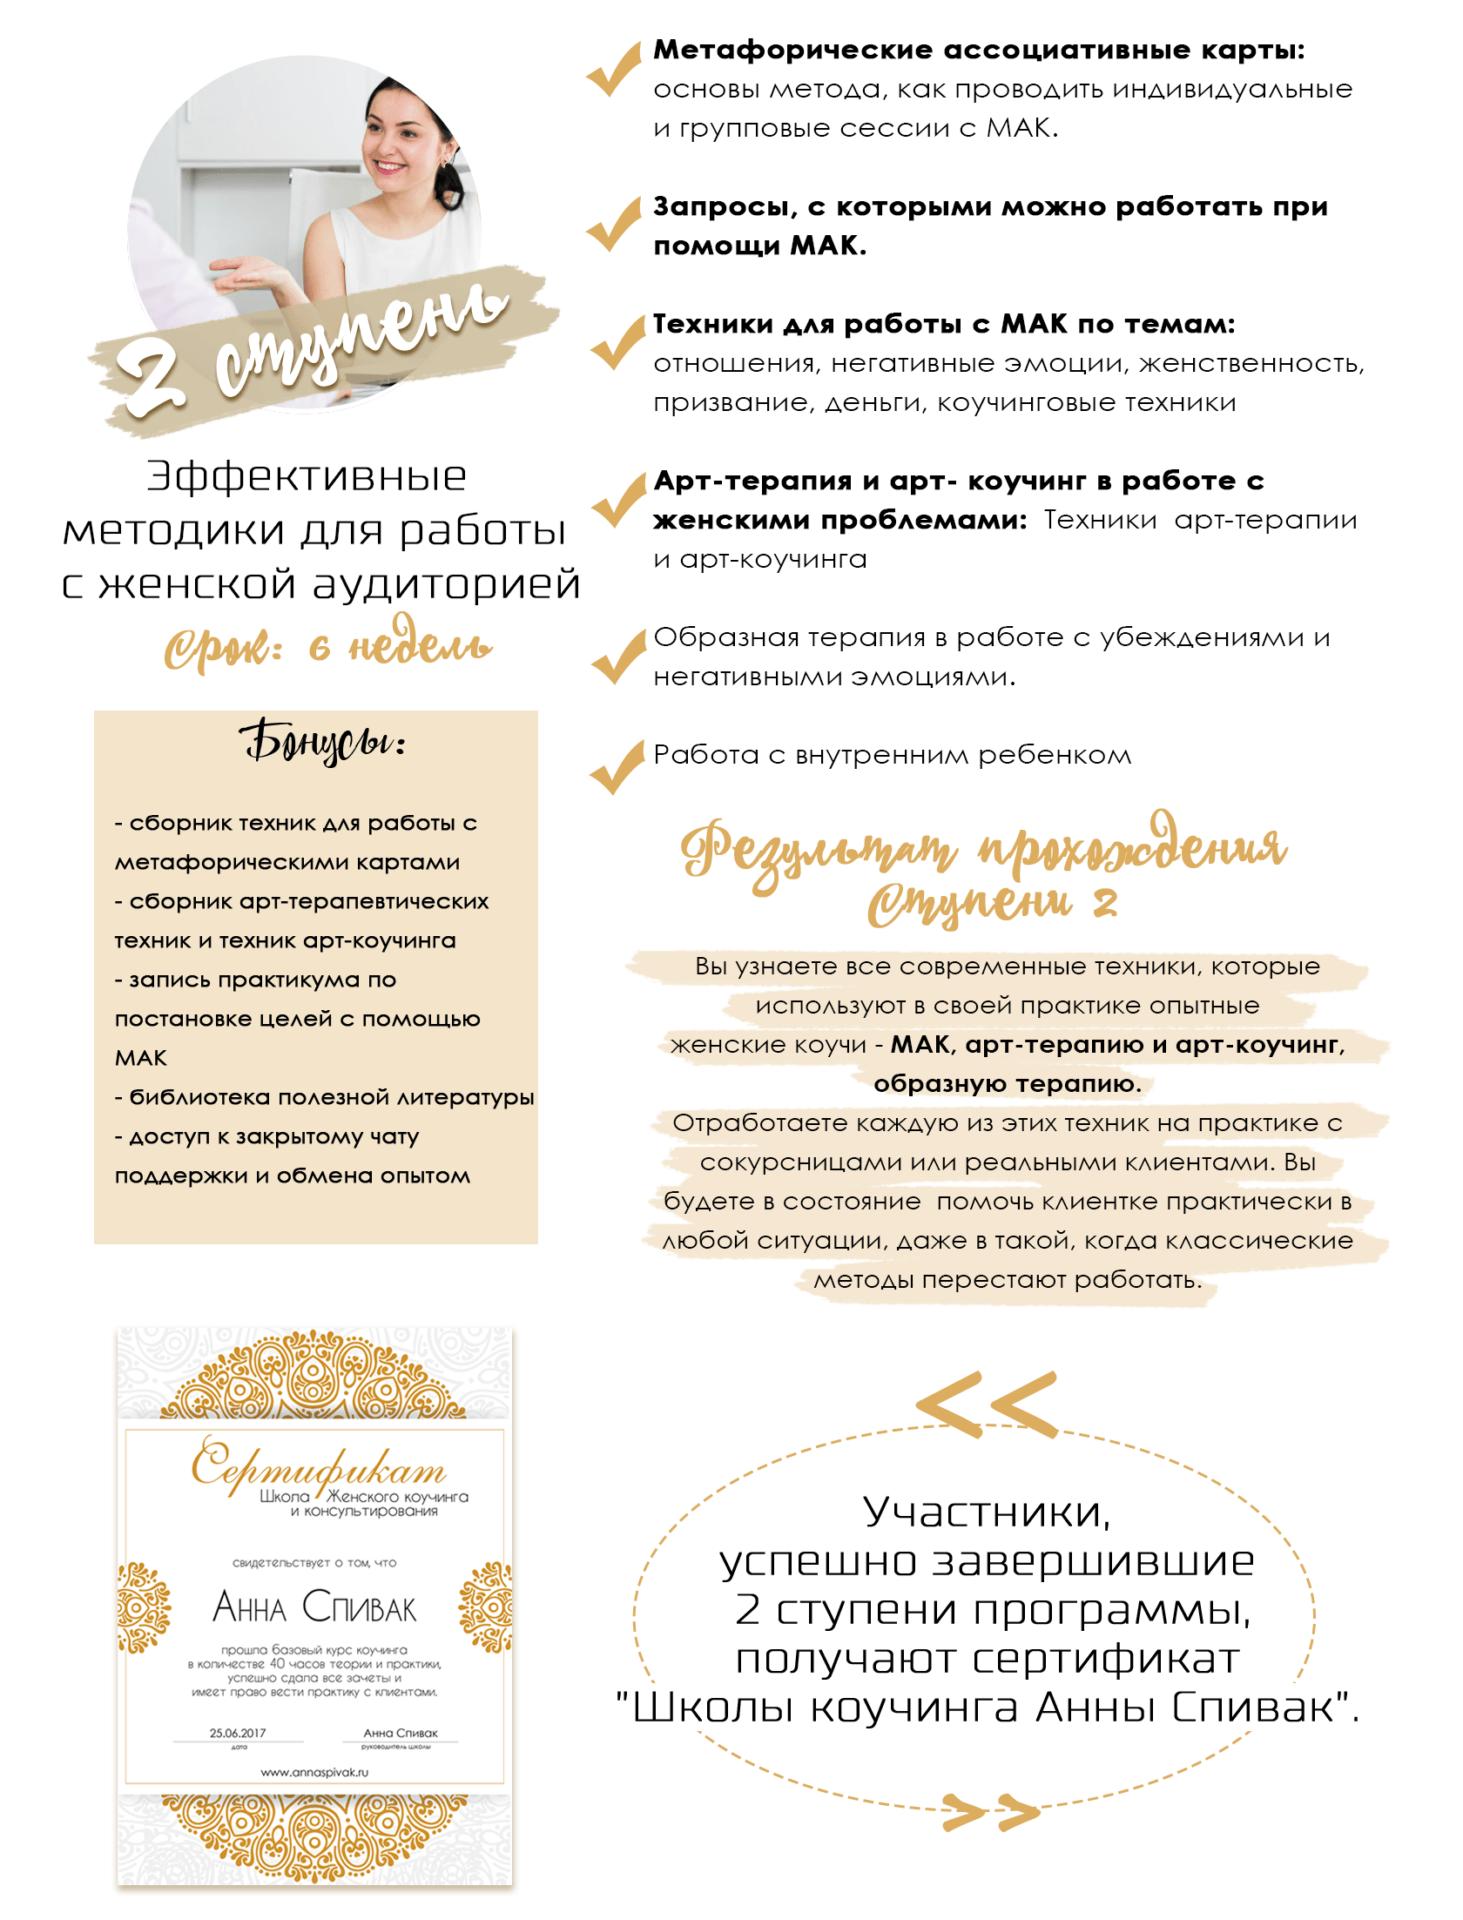 Школа женского коучинга и консультирования